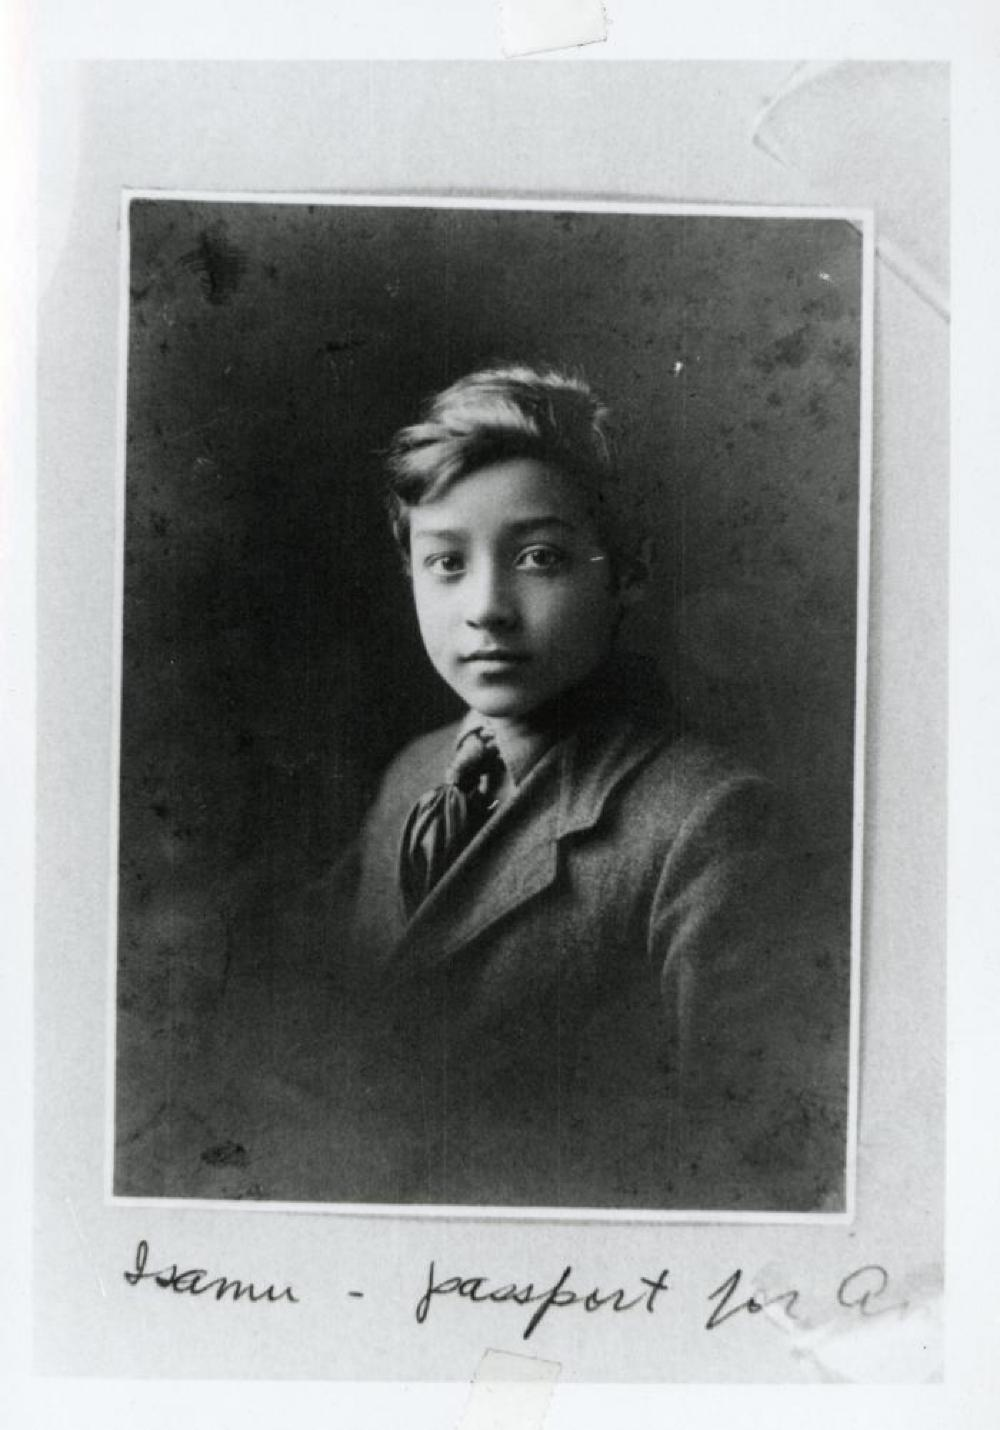 Passport photo of Isamu Noguchi